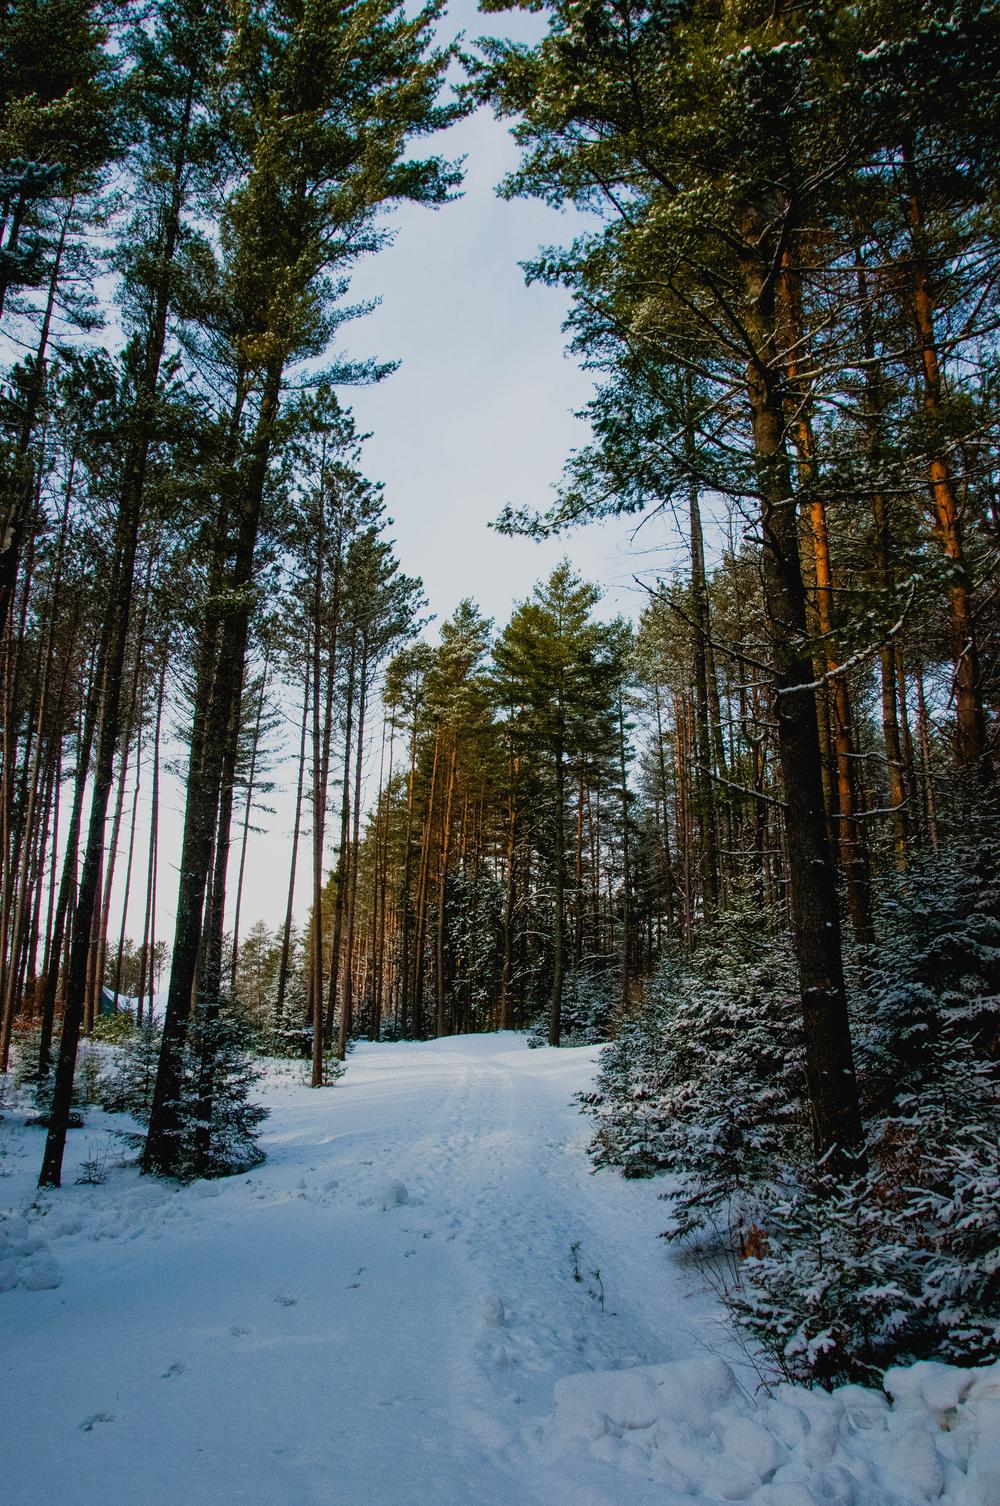 vt-forest.jpg